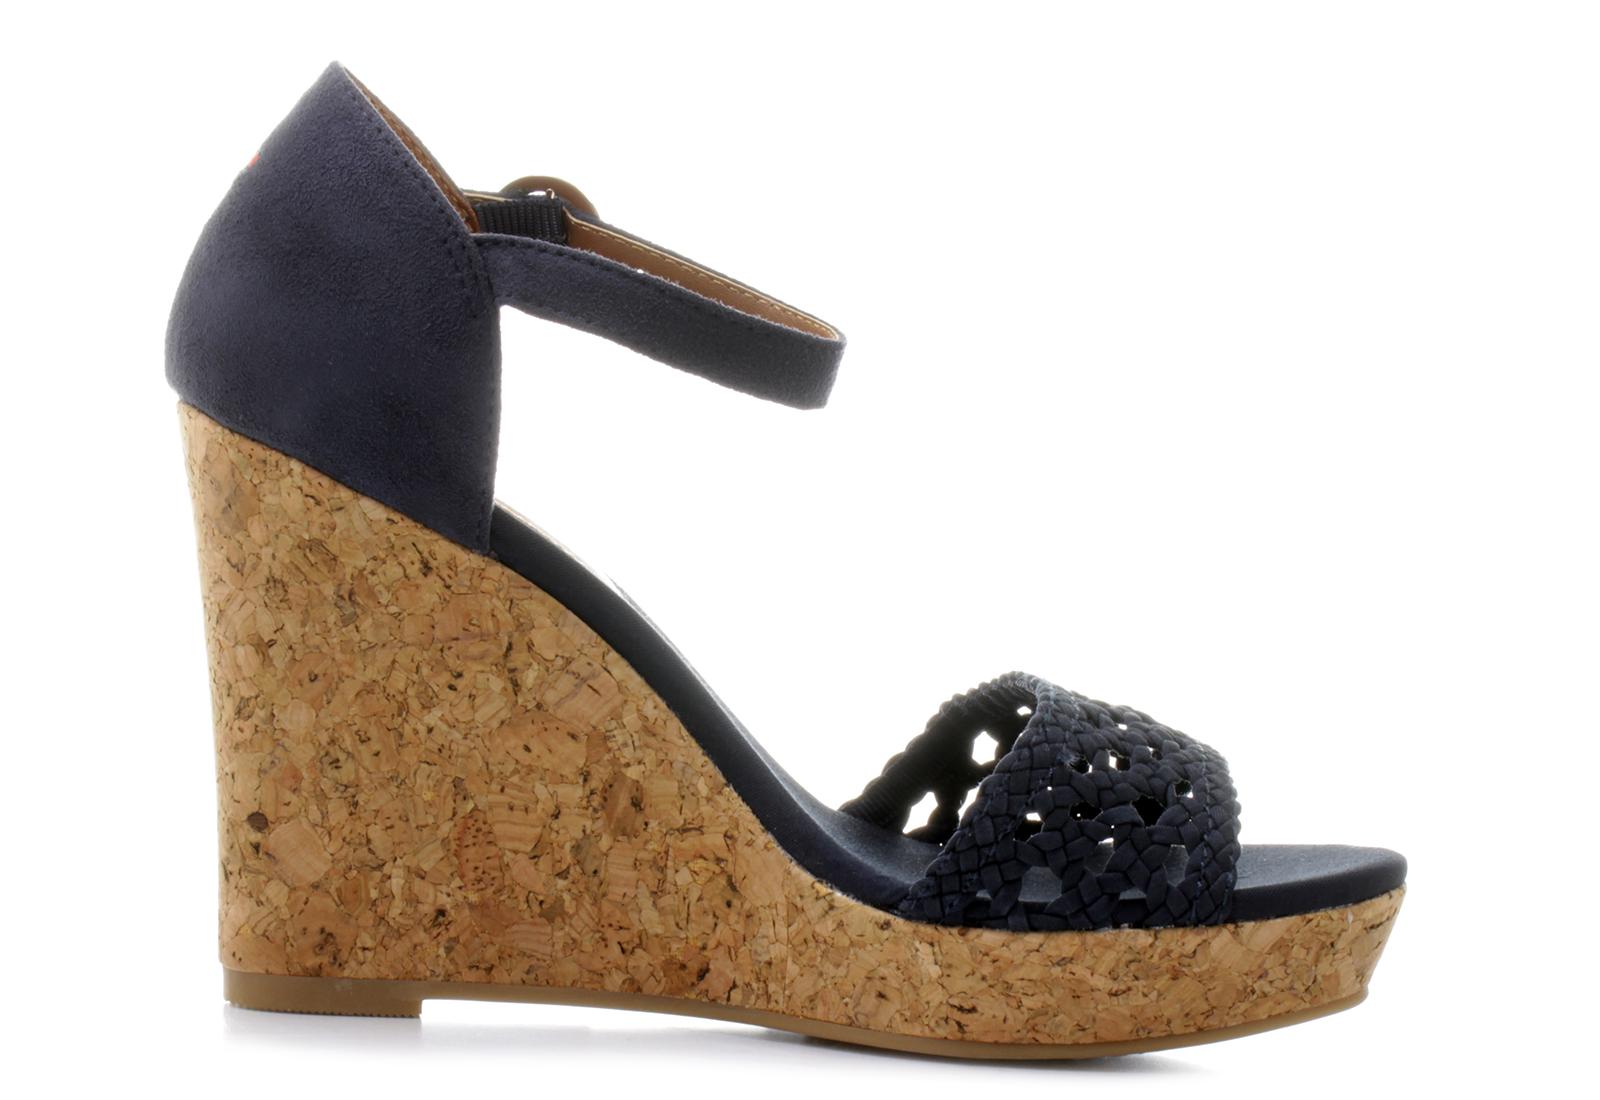 1177e6d5a Tommy Hilfiger Sandals - Edel 5c - 17S-0713-403 - Online shop for ...